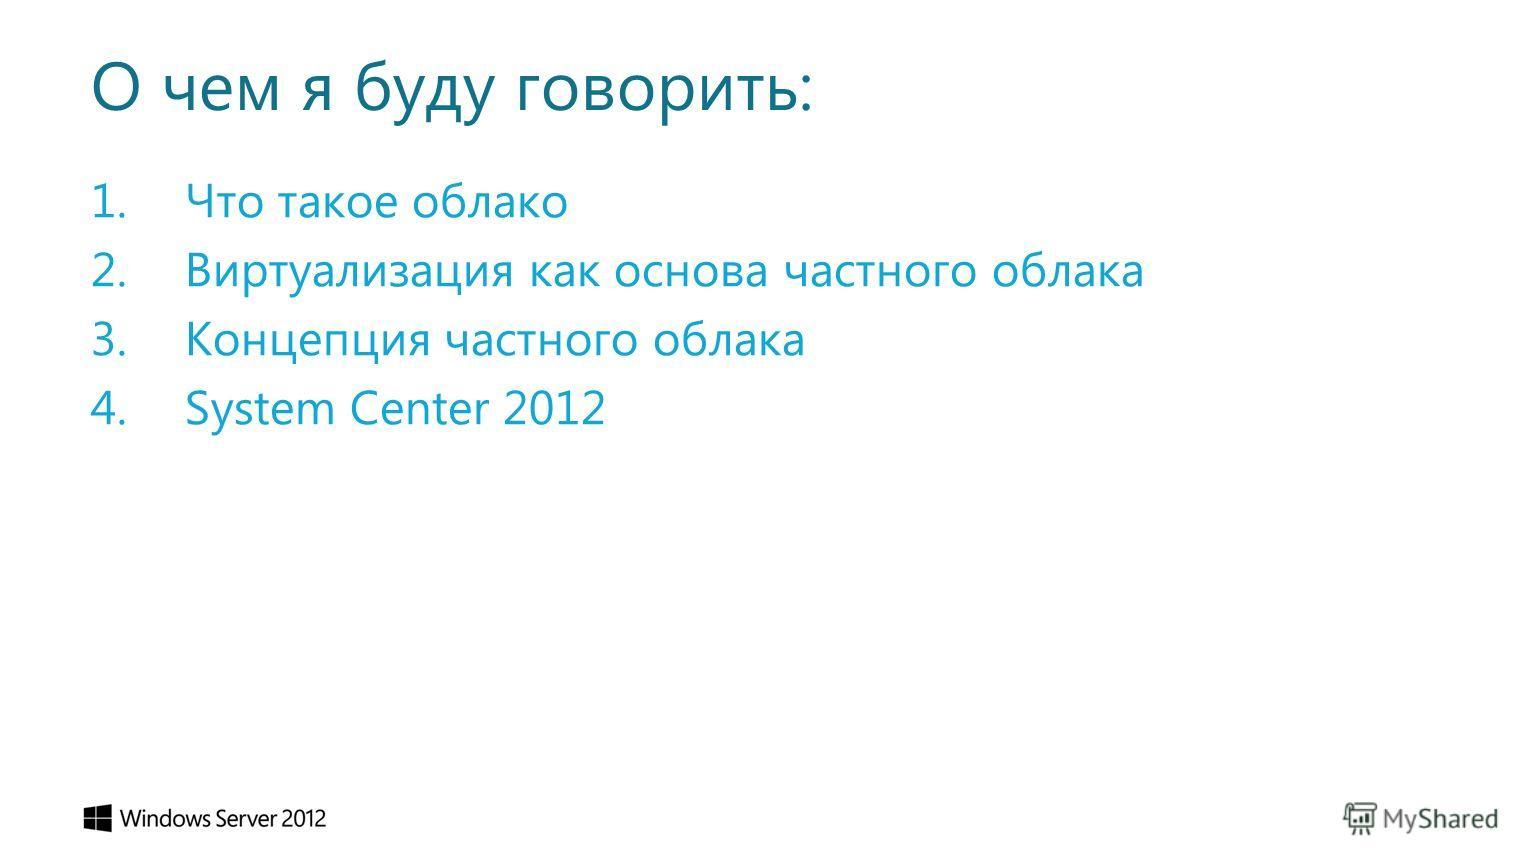 О чем я буду говорить: 1. Что такое облако 2. Виртуализация как основа частного облака 3. Концепция частного облака 4. System Center 2012